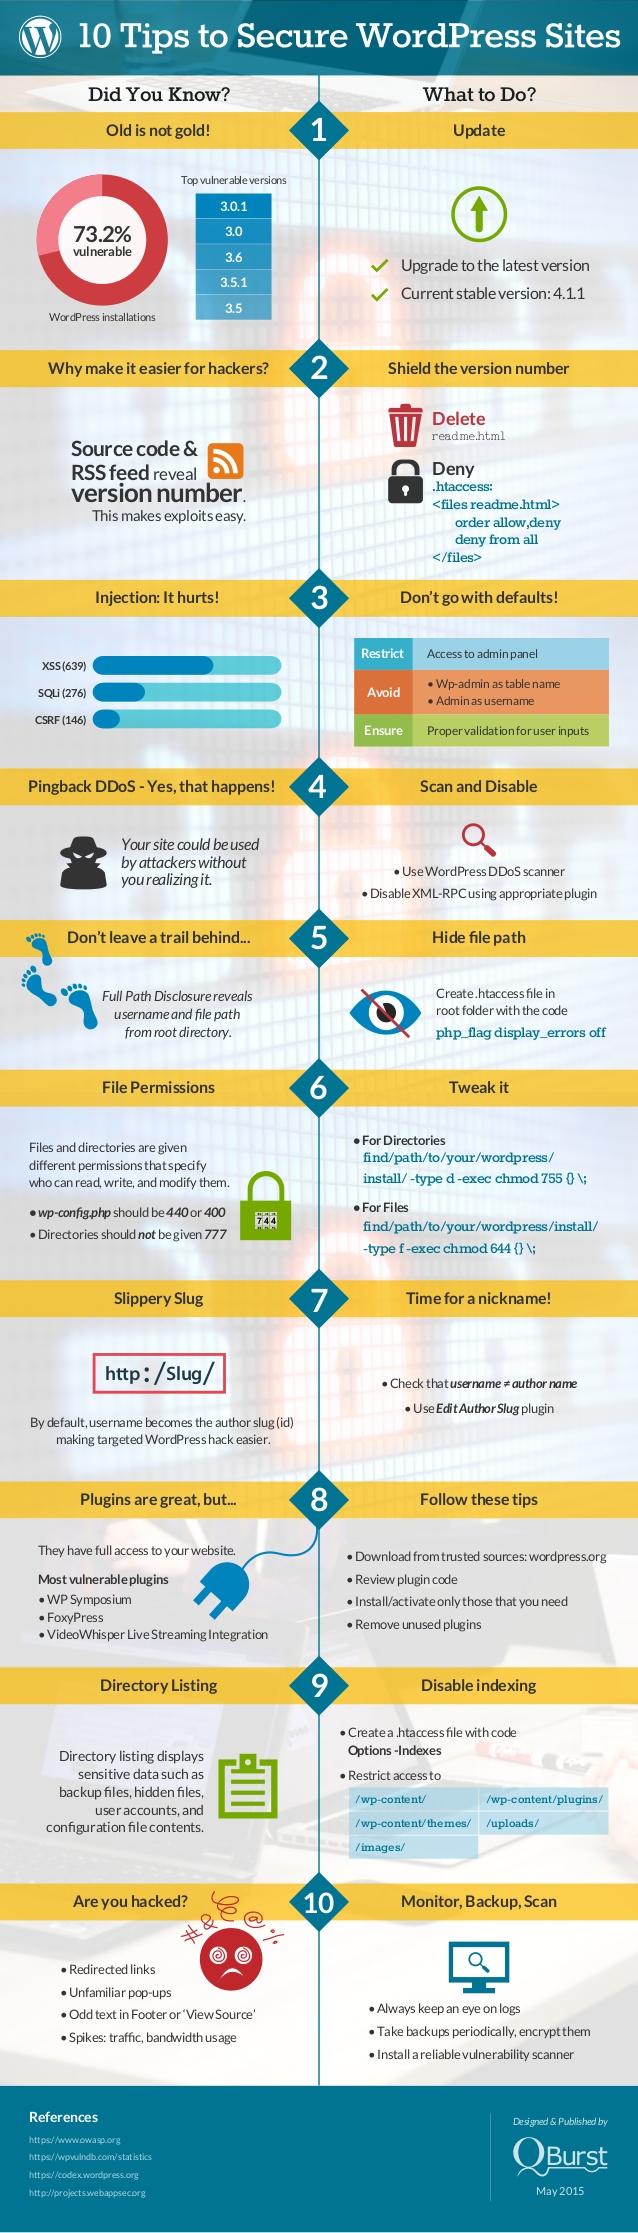 10 consejos de seguridad para sitios WordPress